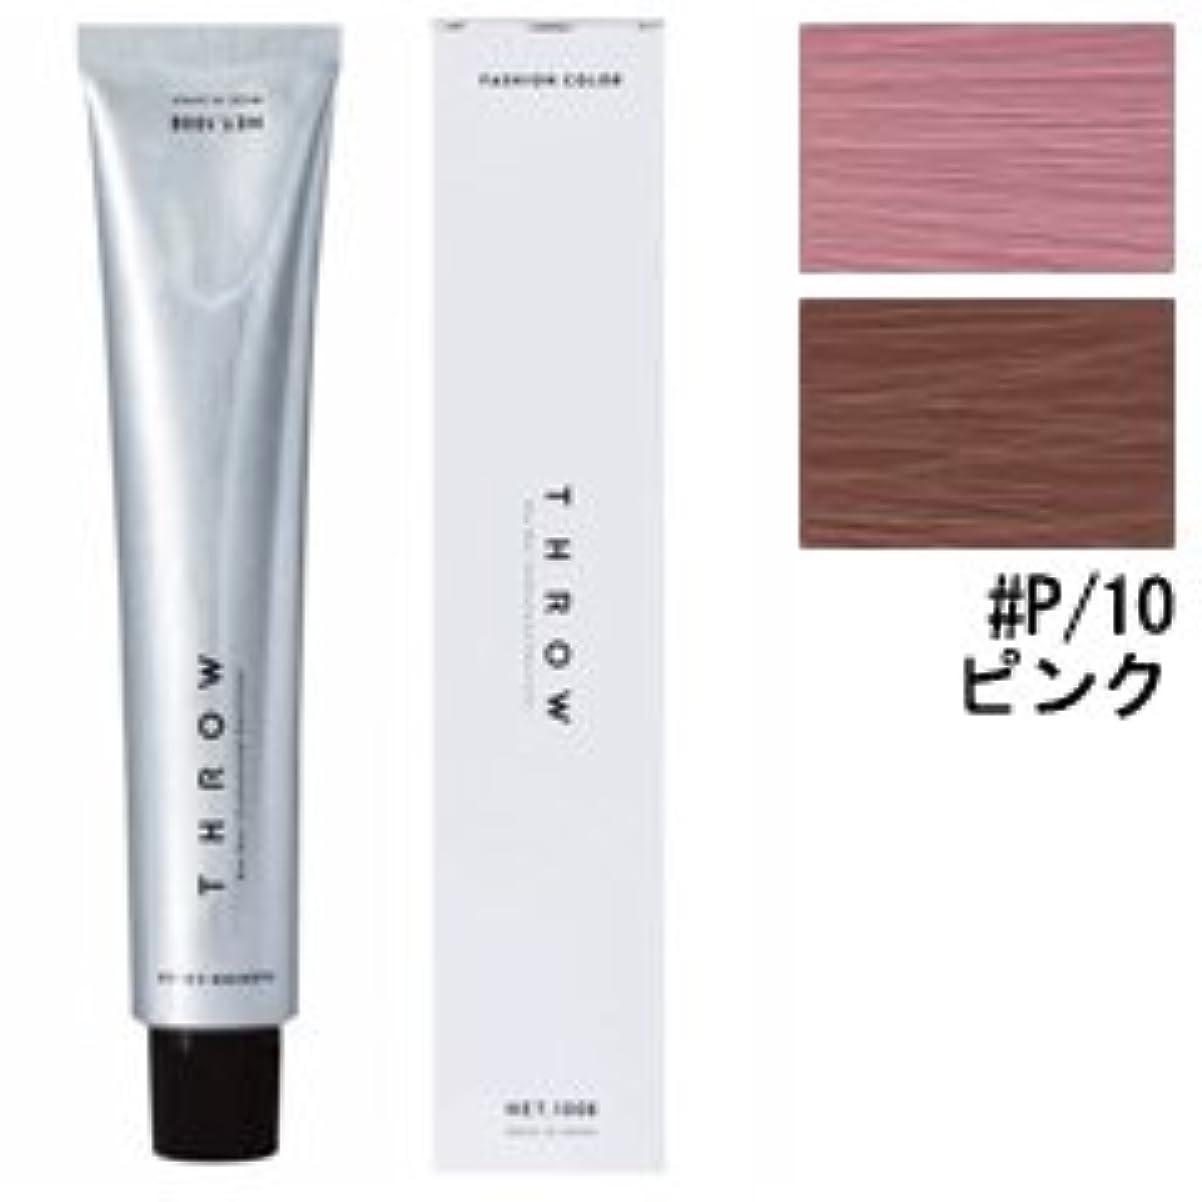 取るアベニュー魅了する【モルトベーネ】スロウ ファッションカラー #P/10 ピンク 100g